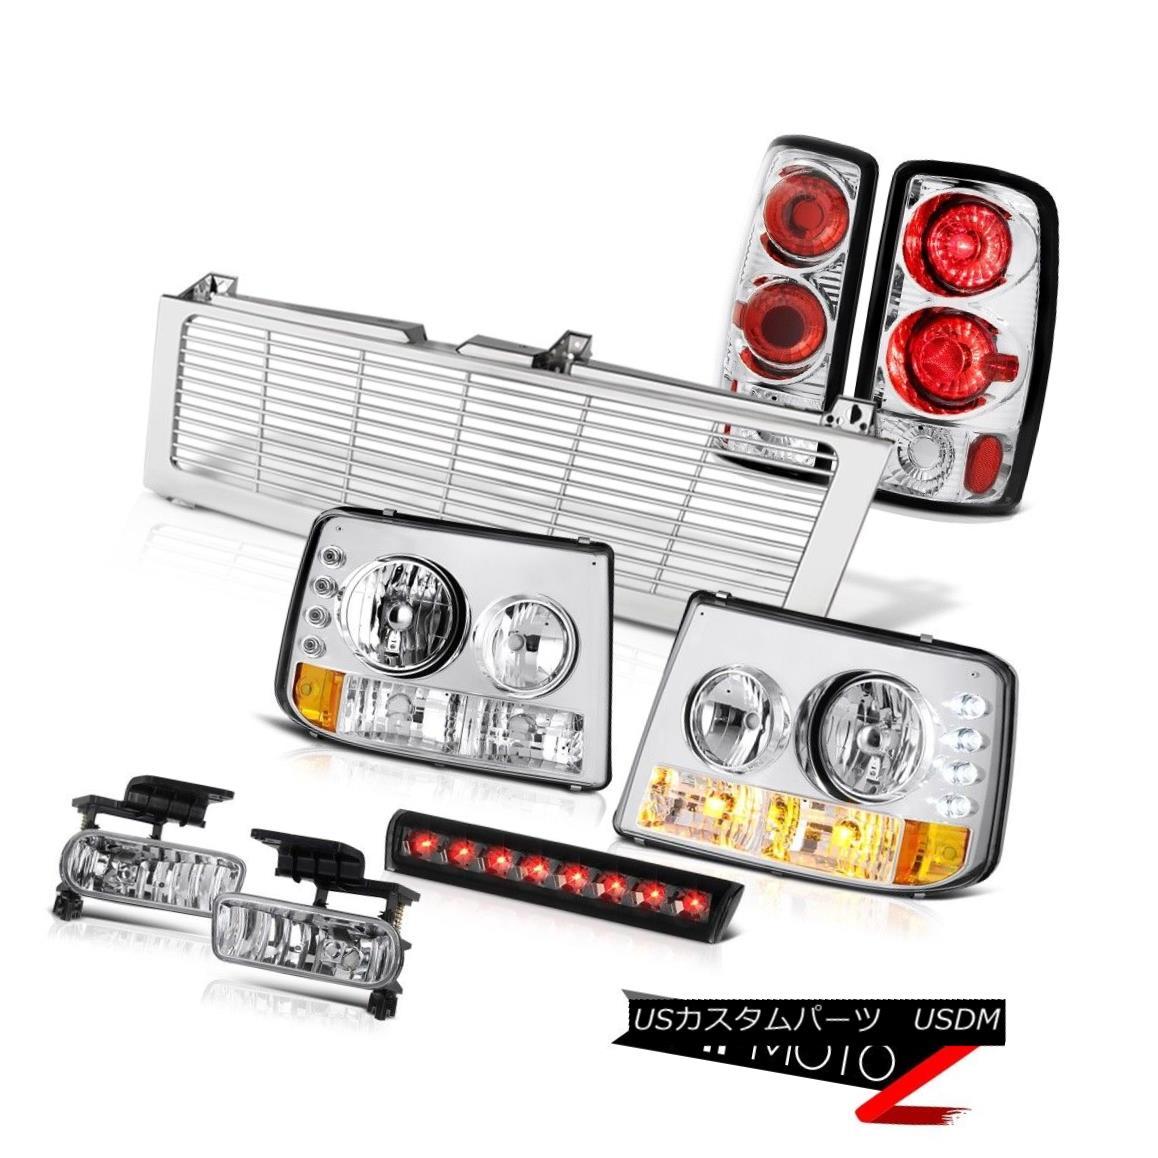 テールライト Euro Headlights Rear Signal Tail Lights Clear Fog Stop LED 00-06 Chevy Suburban ユーロヘッドライトリアシグナルテールライトクリアフォグストップLED 00-06 Chevy Suburban